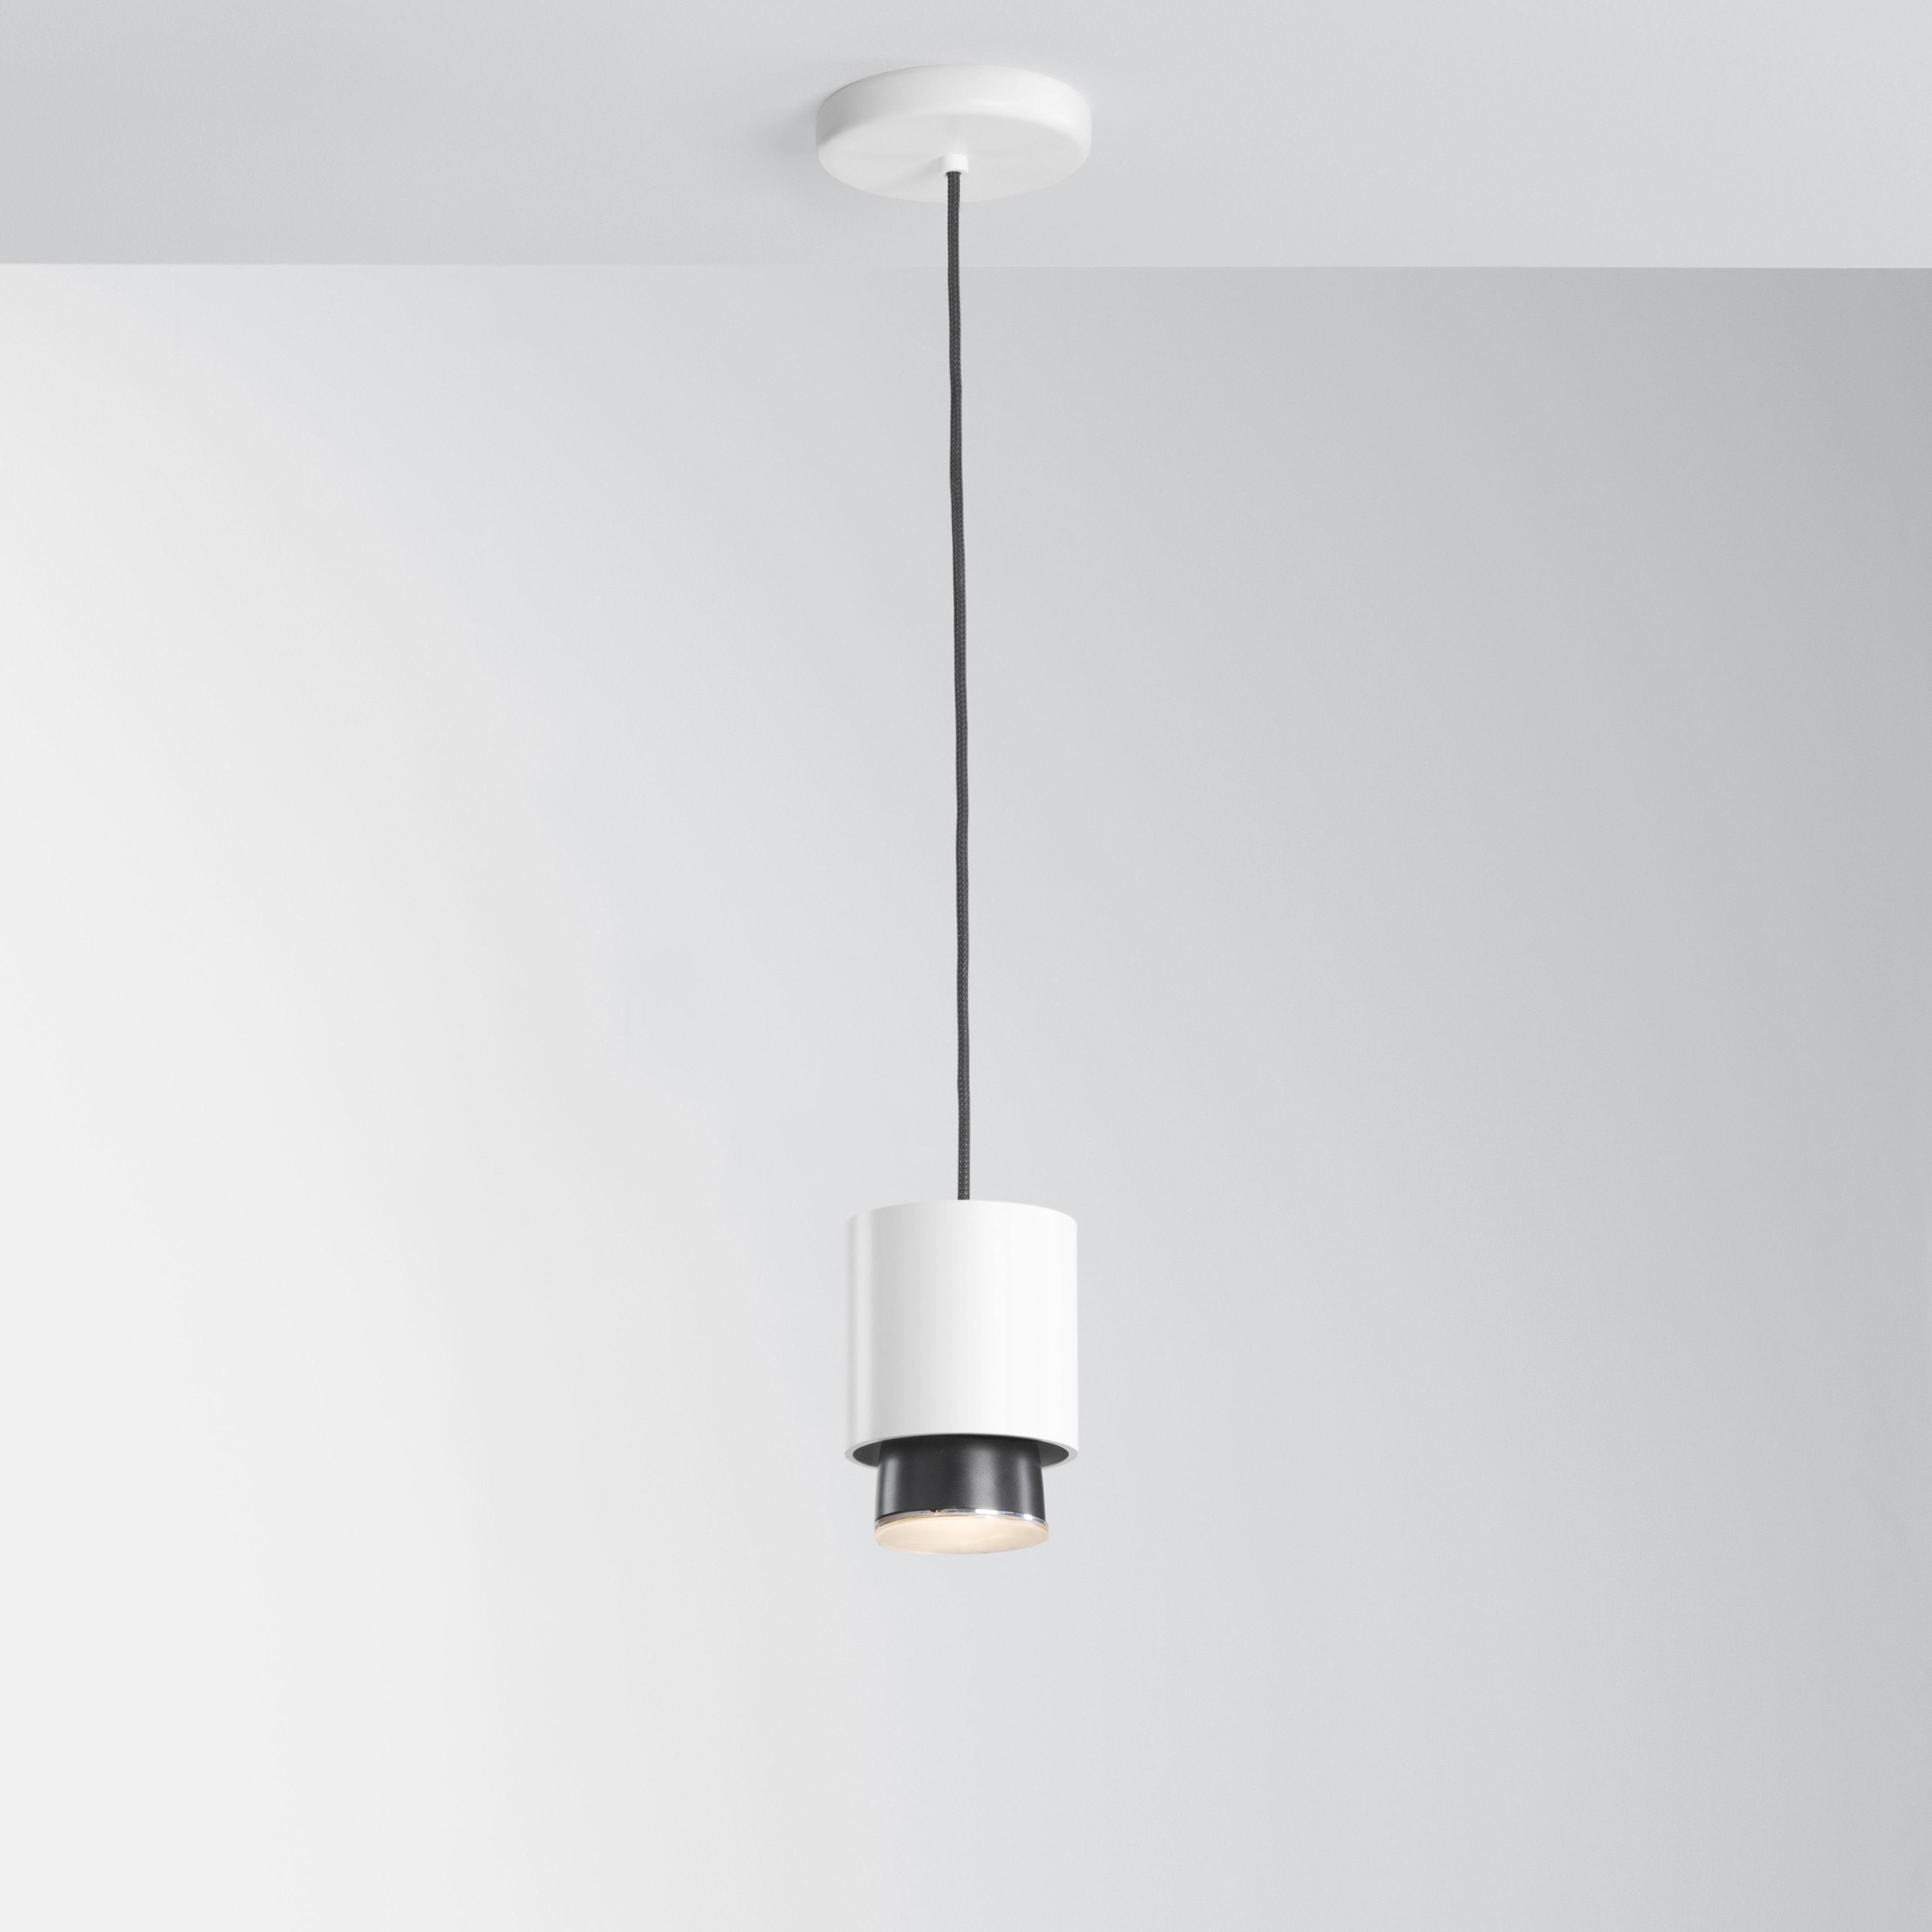 Luminaire - Suspensions - Suspension Claque LED / Ø 10 x H 13 cm - Fabbian - Blanc - Aluminium peint